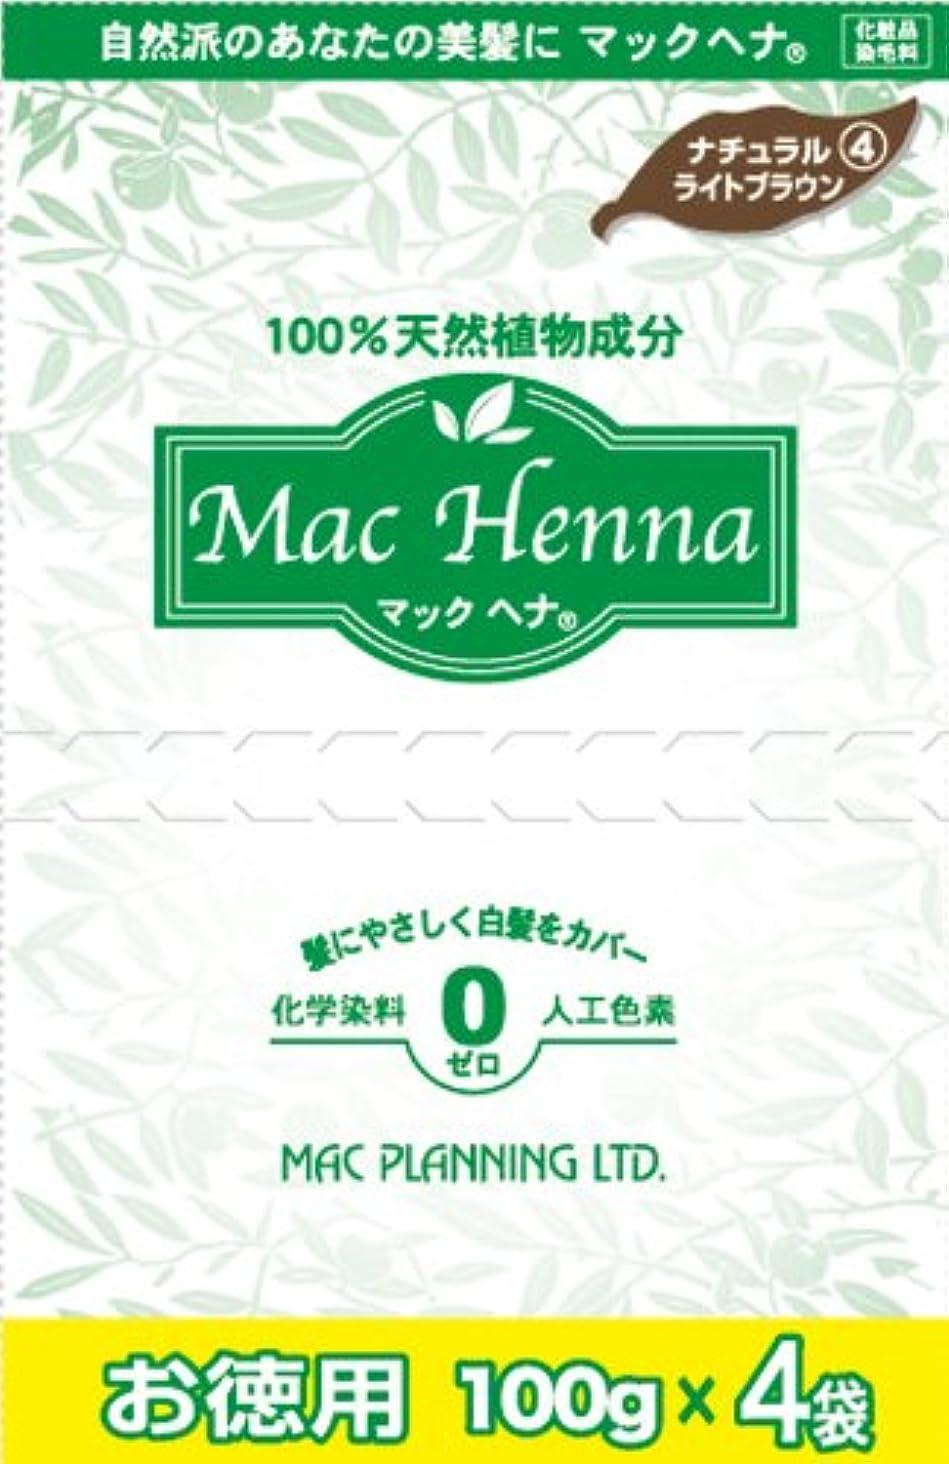 セメントビザ米ドル天然植物原料100% 無添加 マックヘナ お徳用(ナチュラルライトブラウン)-4  400g(100g×4袋)2箱セット